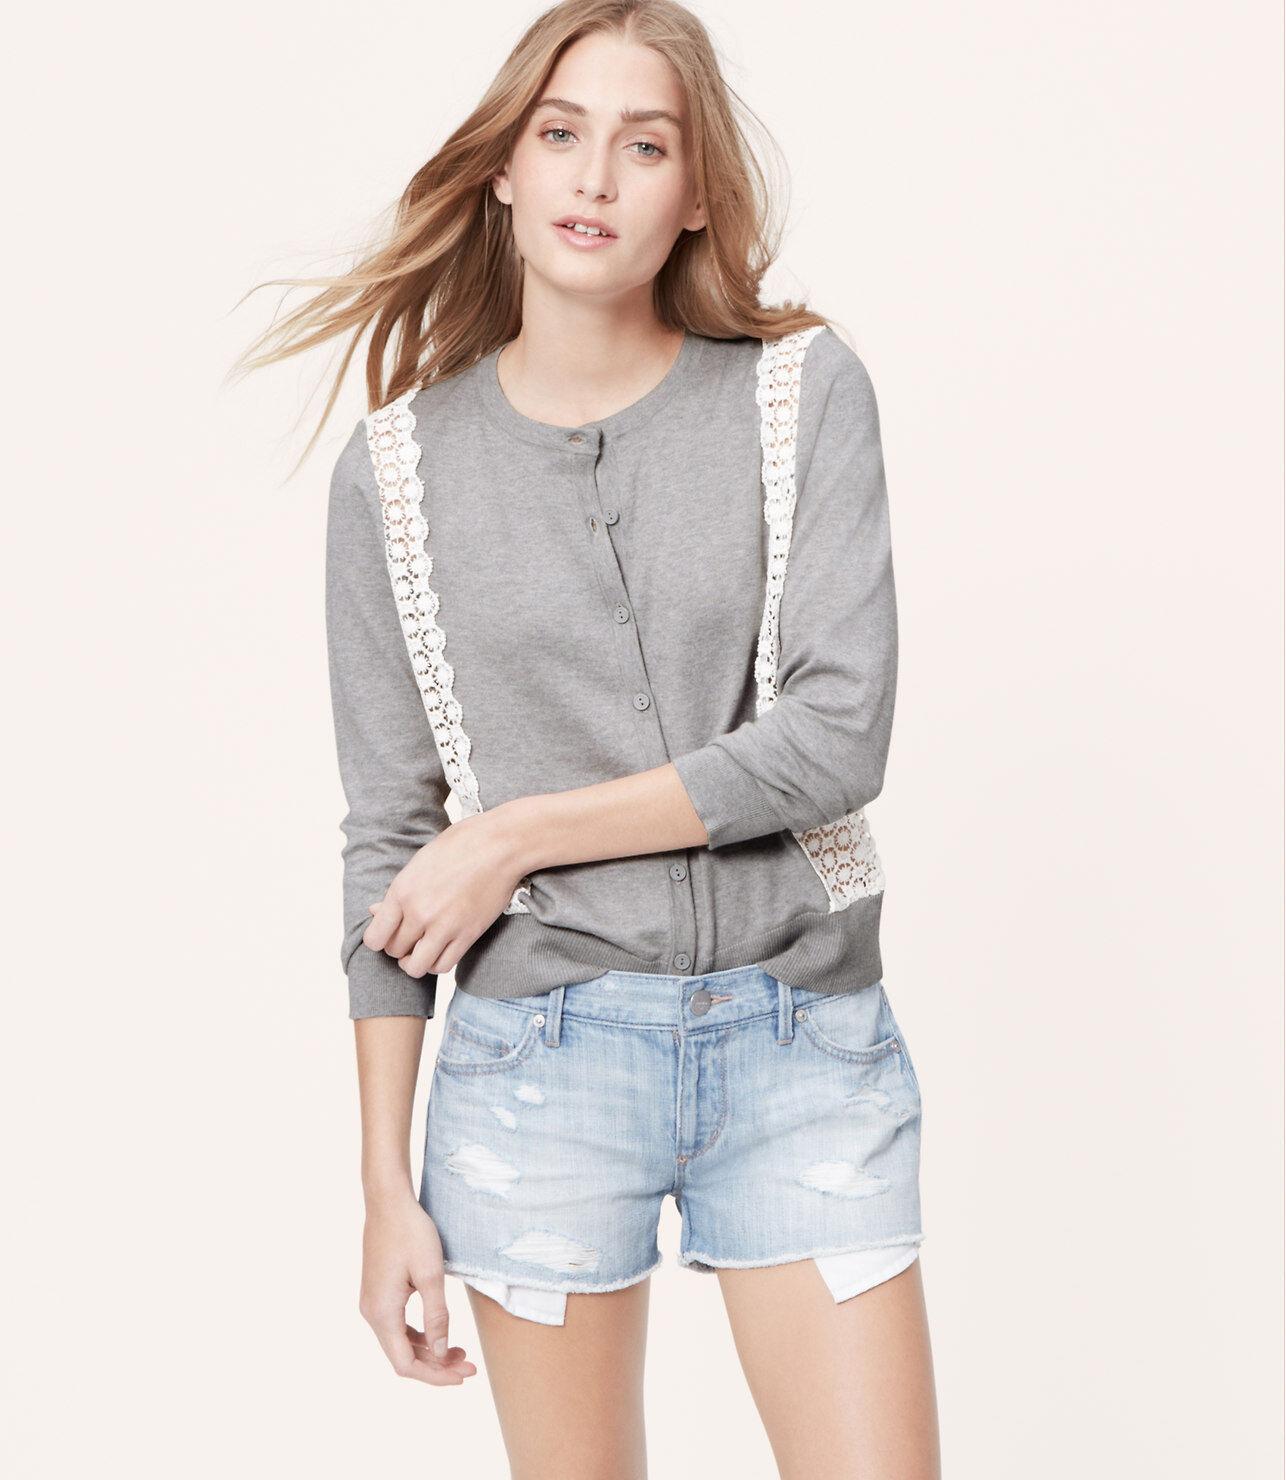 Ann Taylor Loft Lace Trim Cardigan Color White Size L | eBay